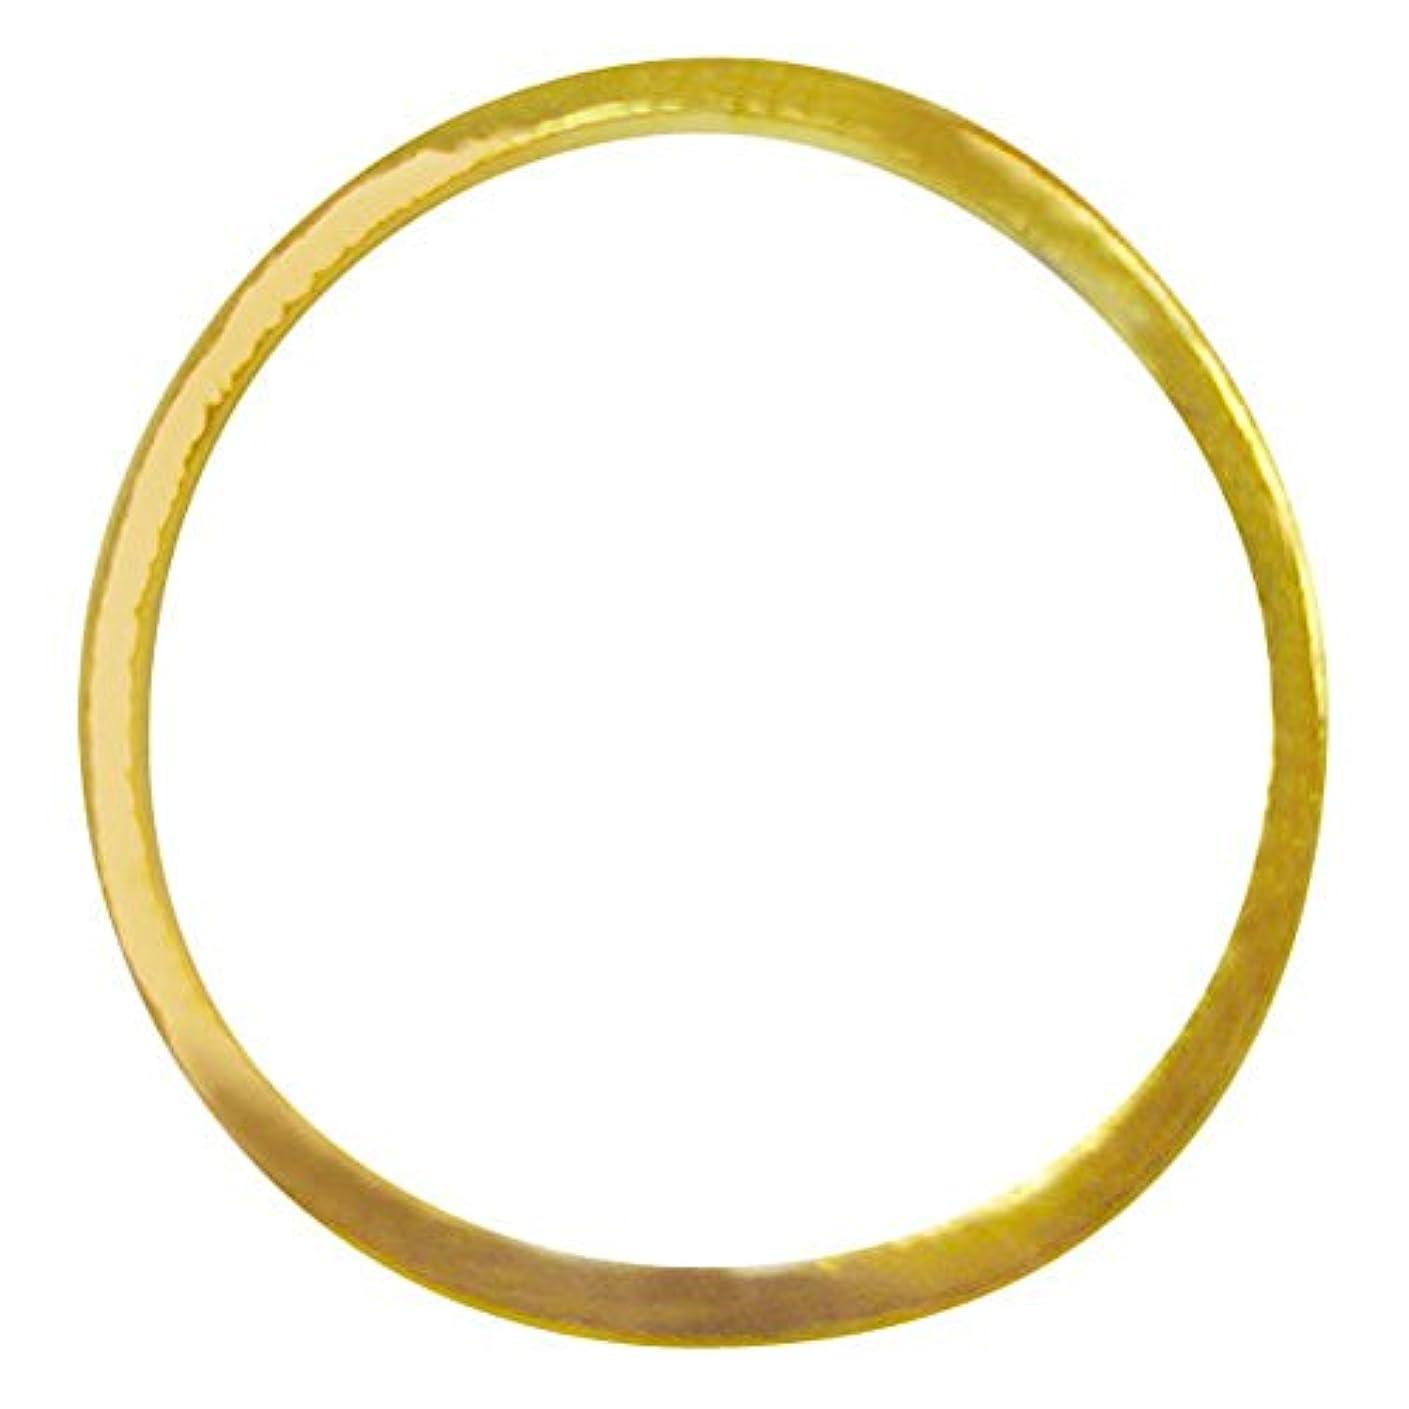 お別れペパーミントキージェルネイル  サンシャインベビー シンプル ラウンドフレームL(ゴールド) 10P